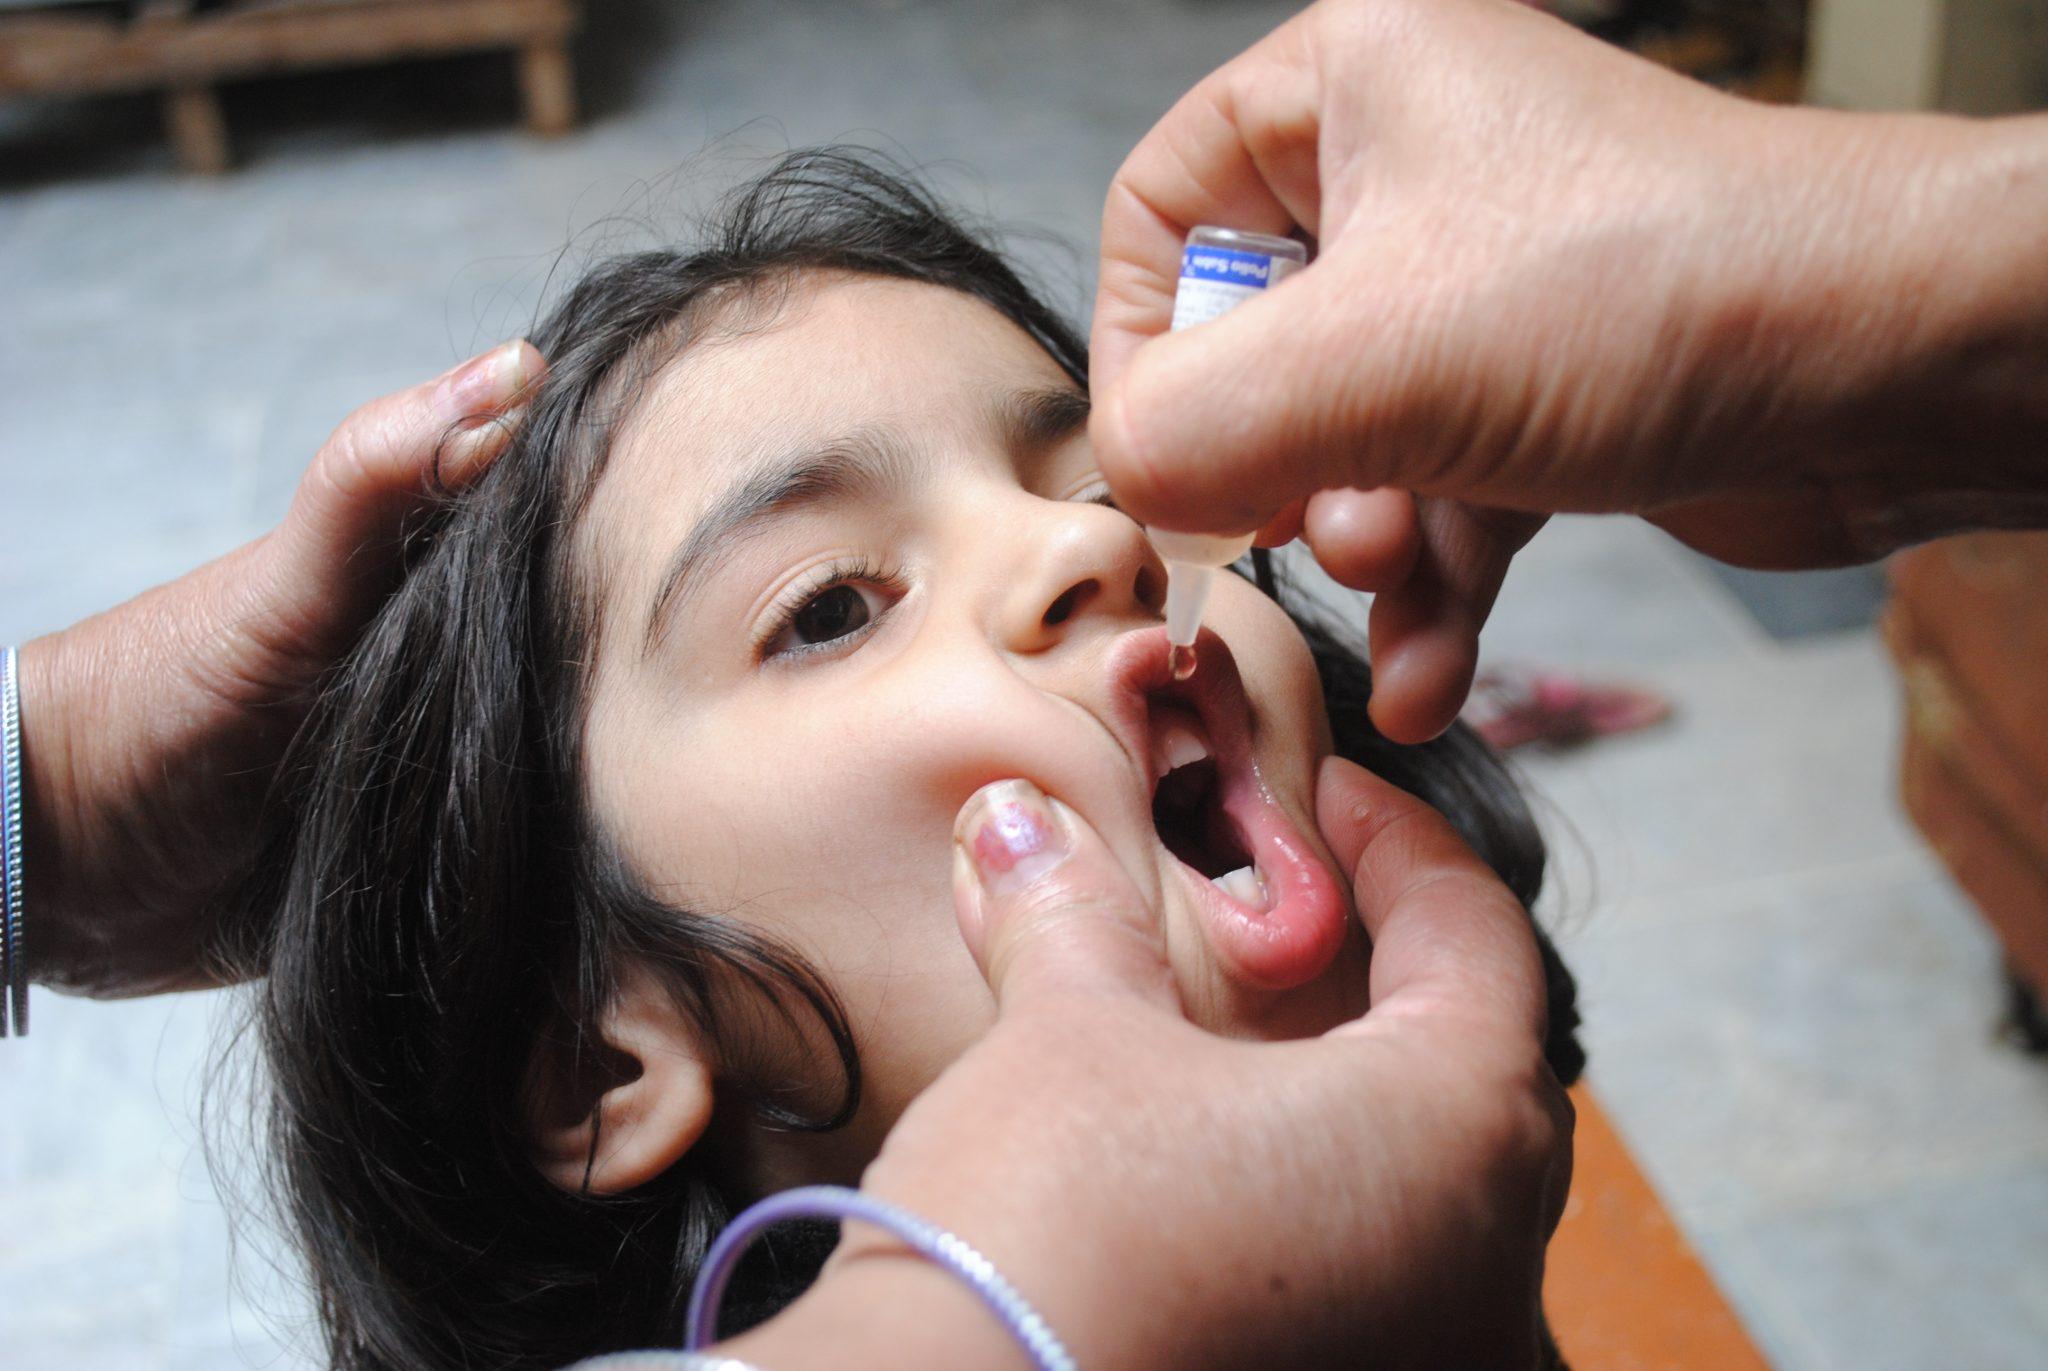 واکسین - آغاز کمپاین تطبیق واکسین پولیو در ۳۲۴ ولسوالی کشور